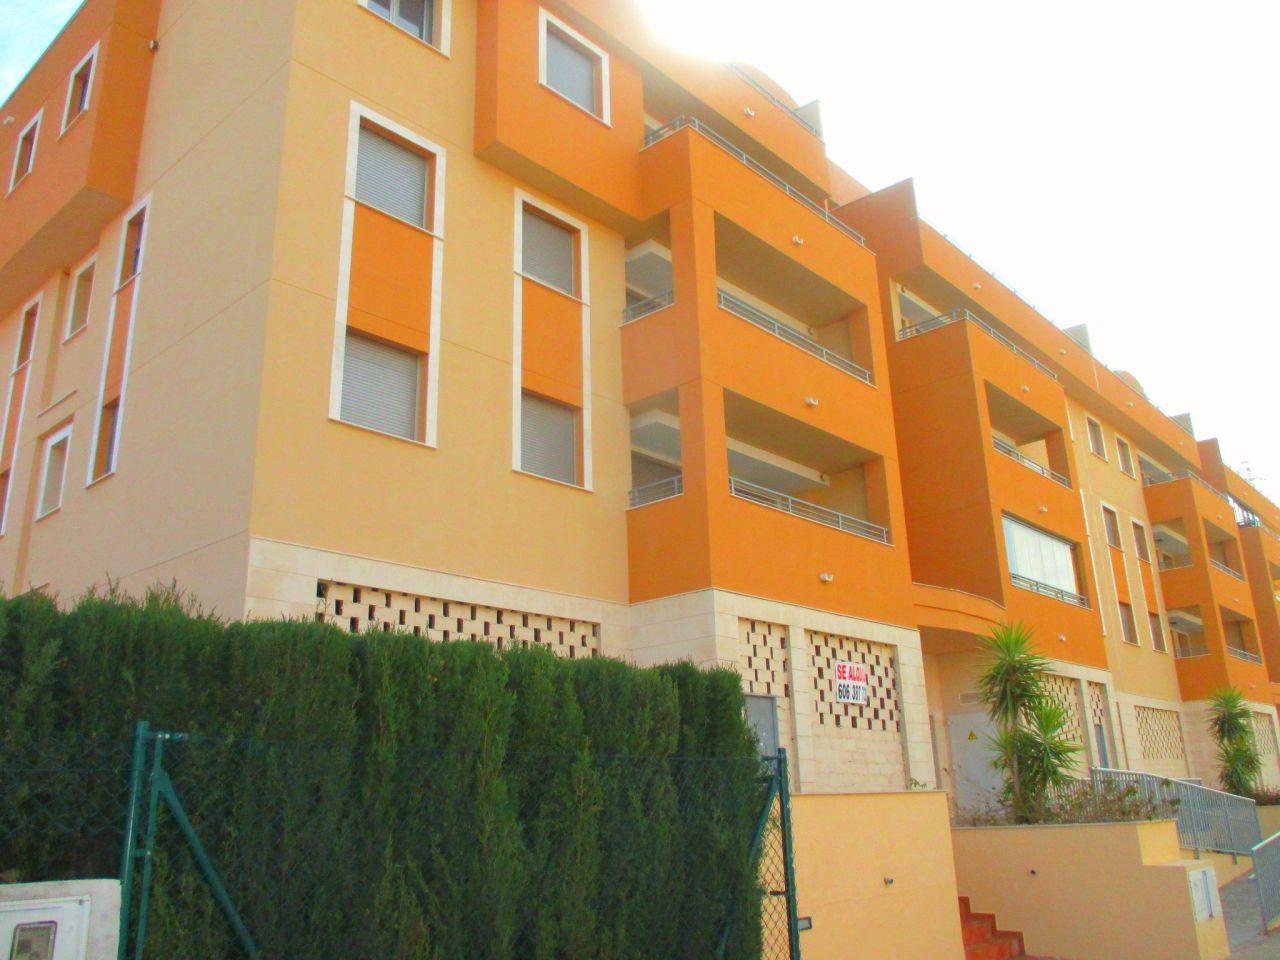 Апартаменты на Коста-Бланка, Испания, 39 м2 - фото 1